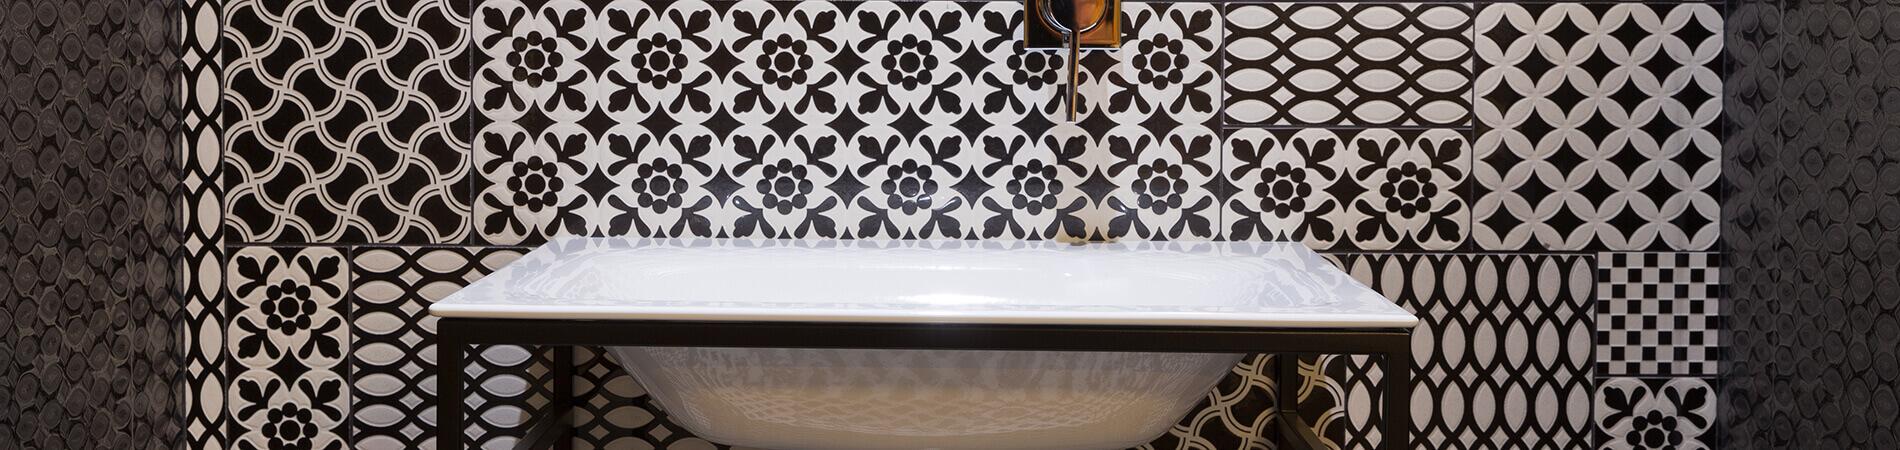 fliesen reiser eckventil waschmaschine. Black Bedroom Furniture Sets. Home Design Ideas